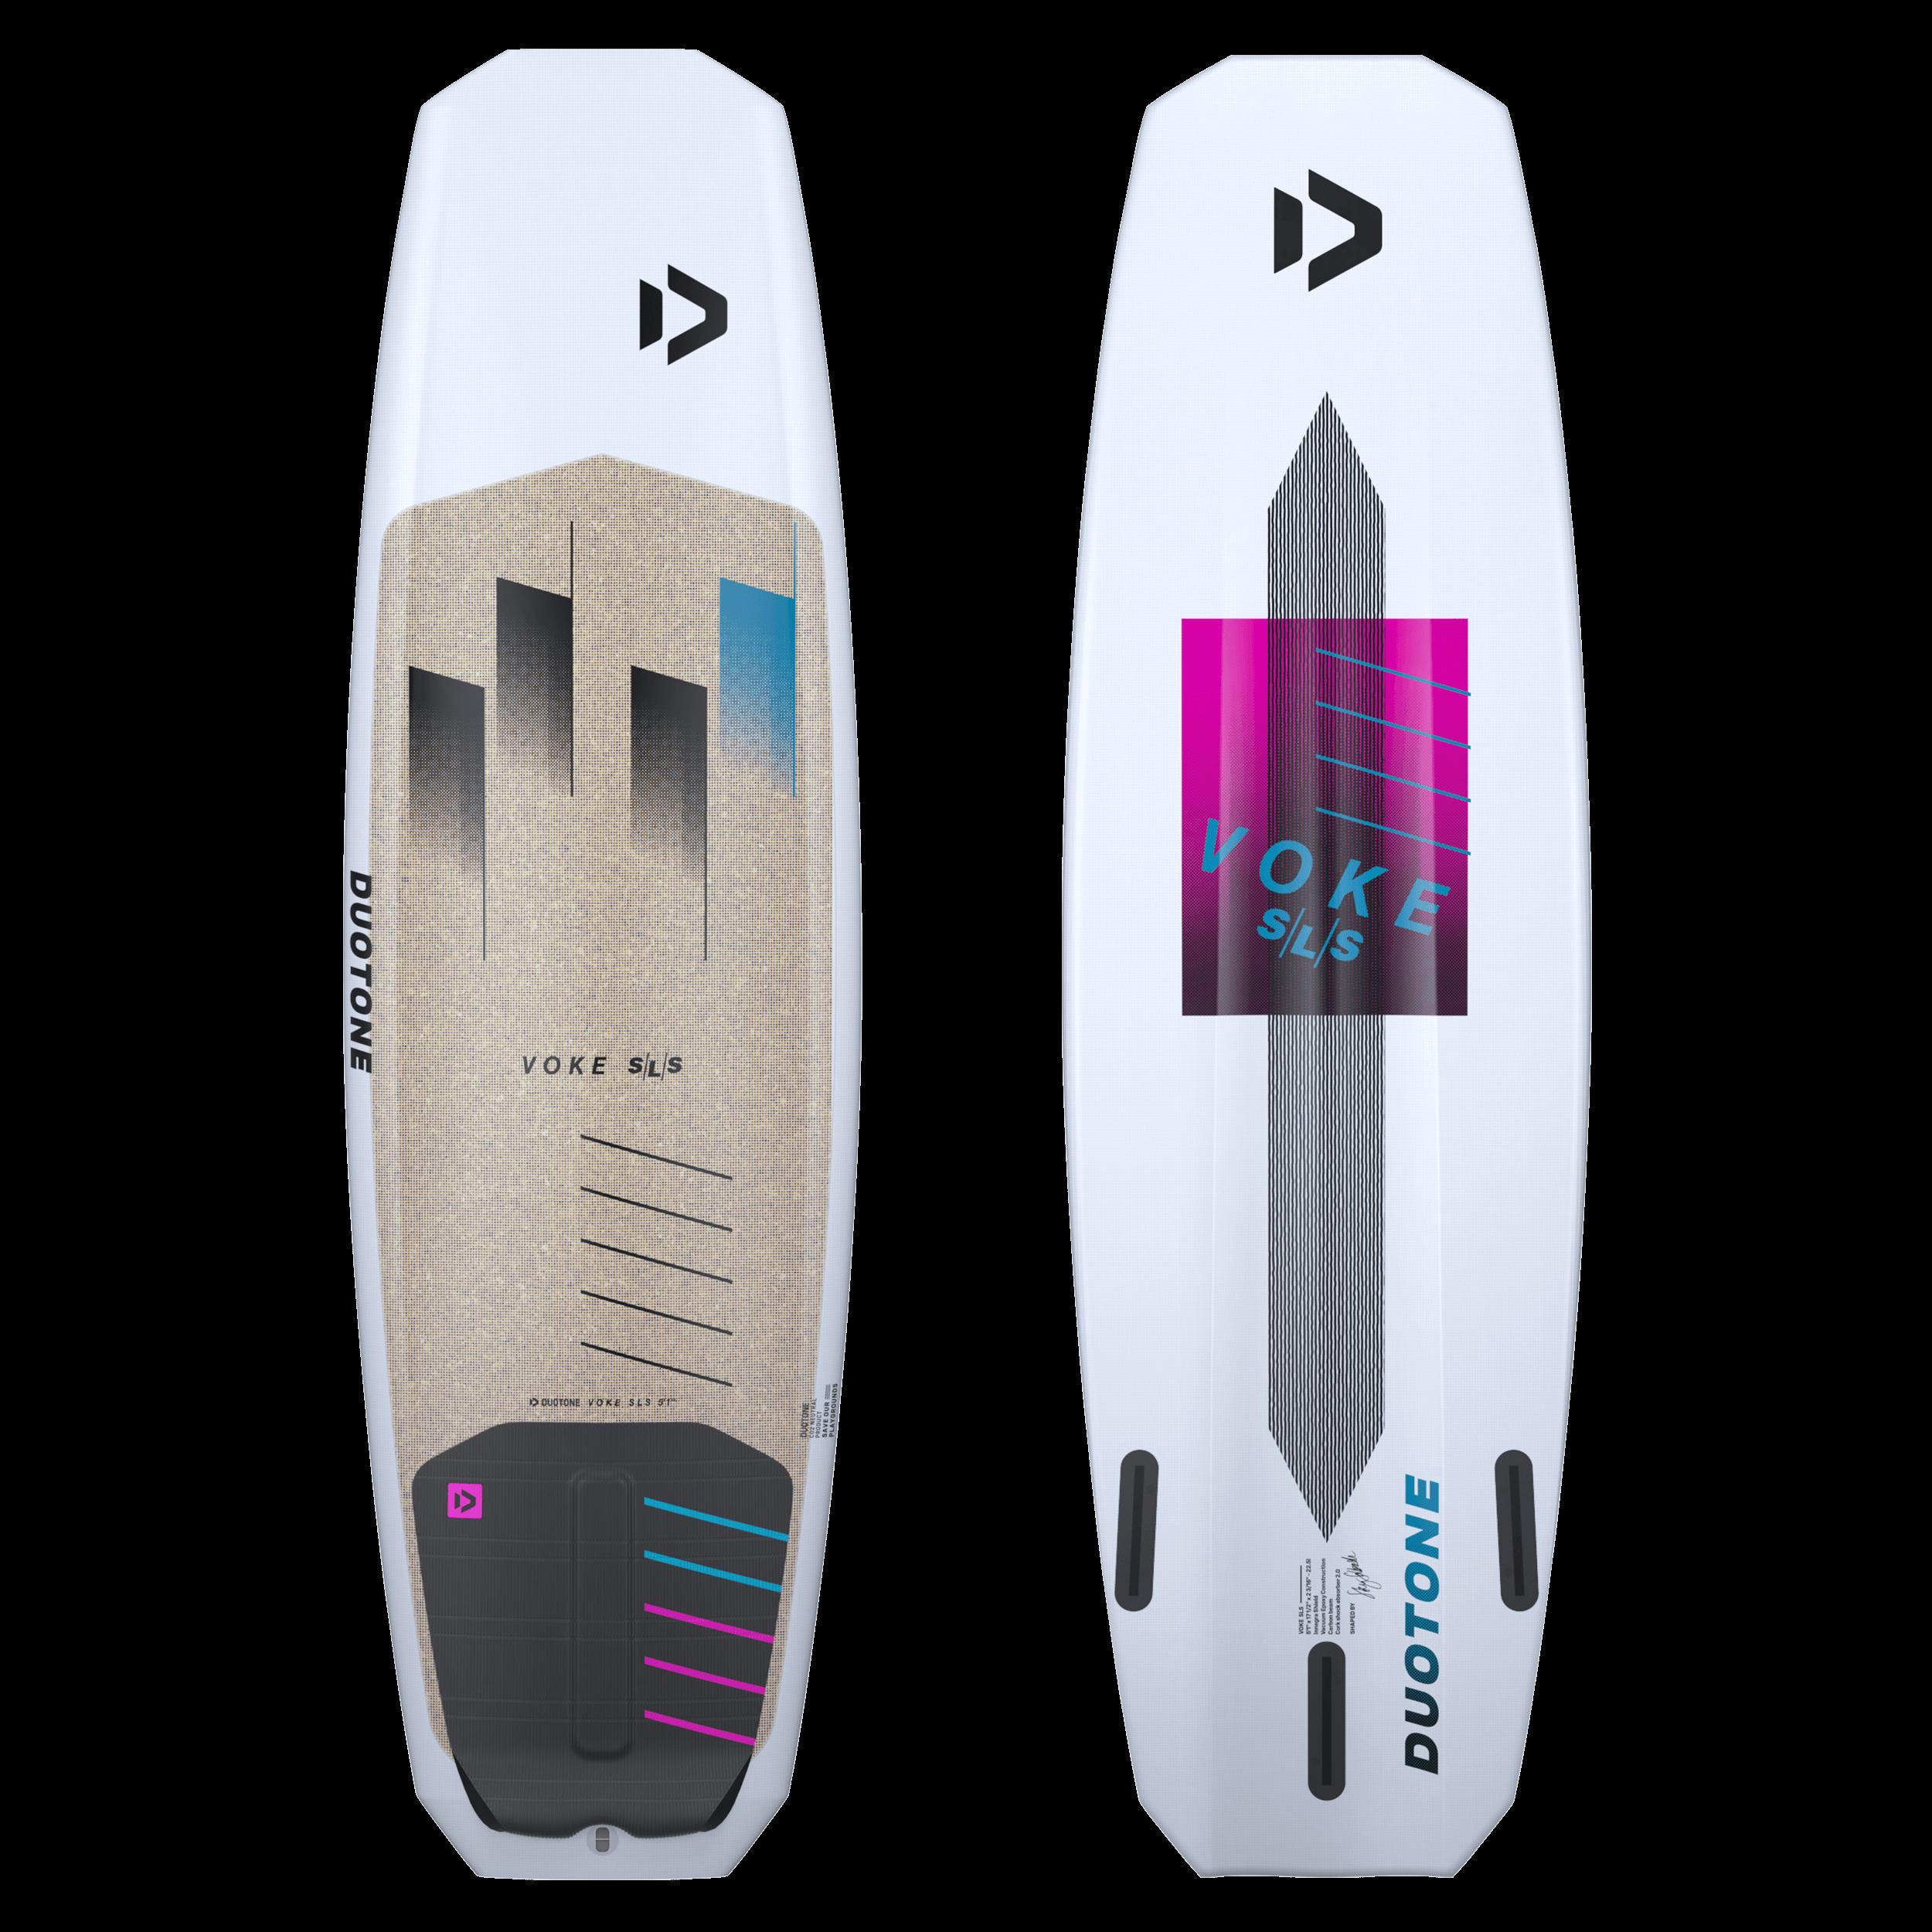 duotone kiteboarding voke sls tech features